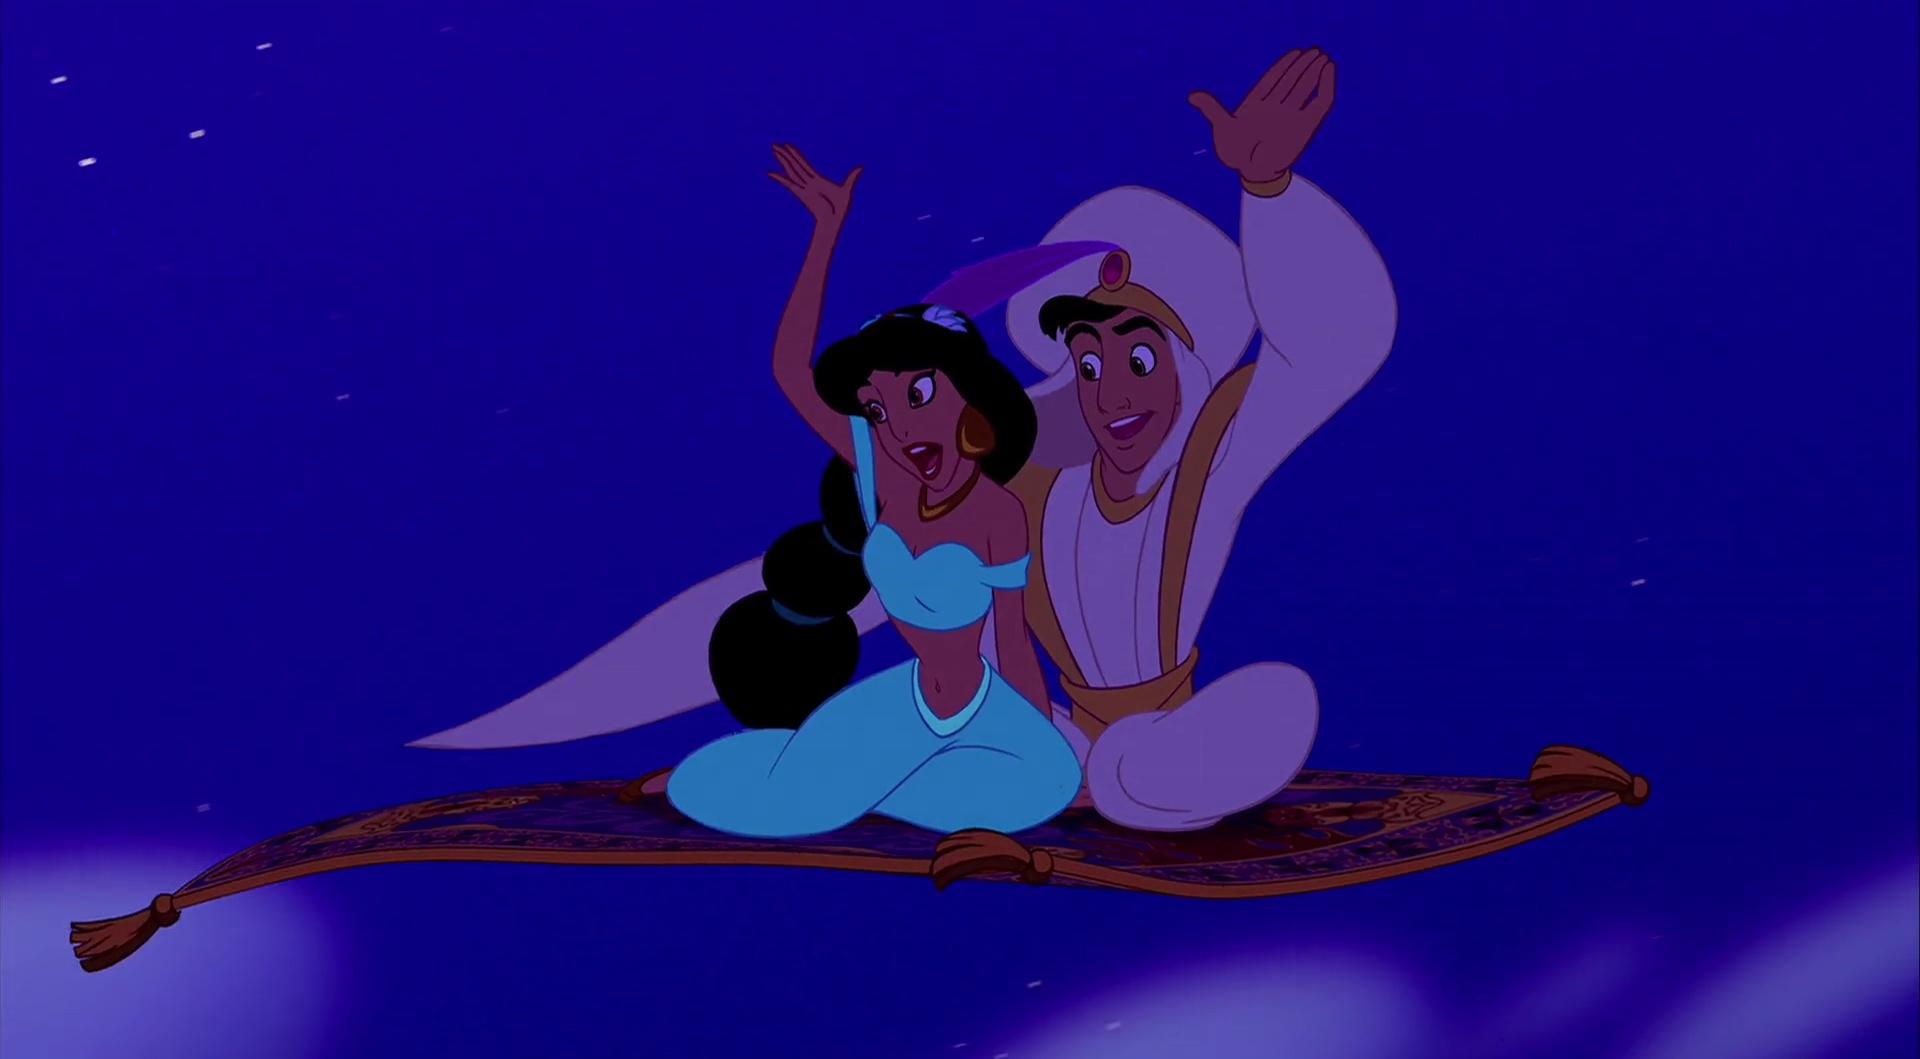 Tapis volant, personnage dans Aladdin Disney Planet